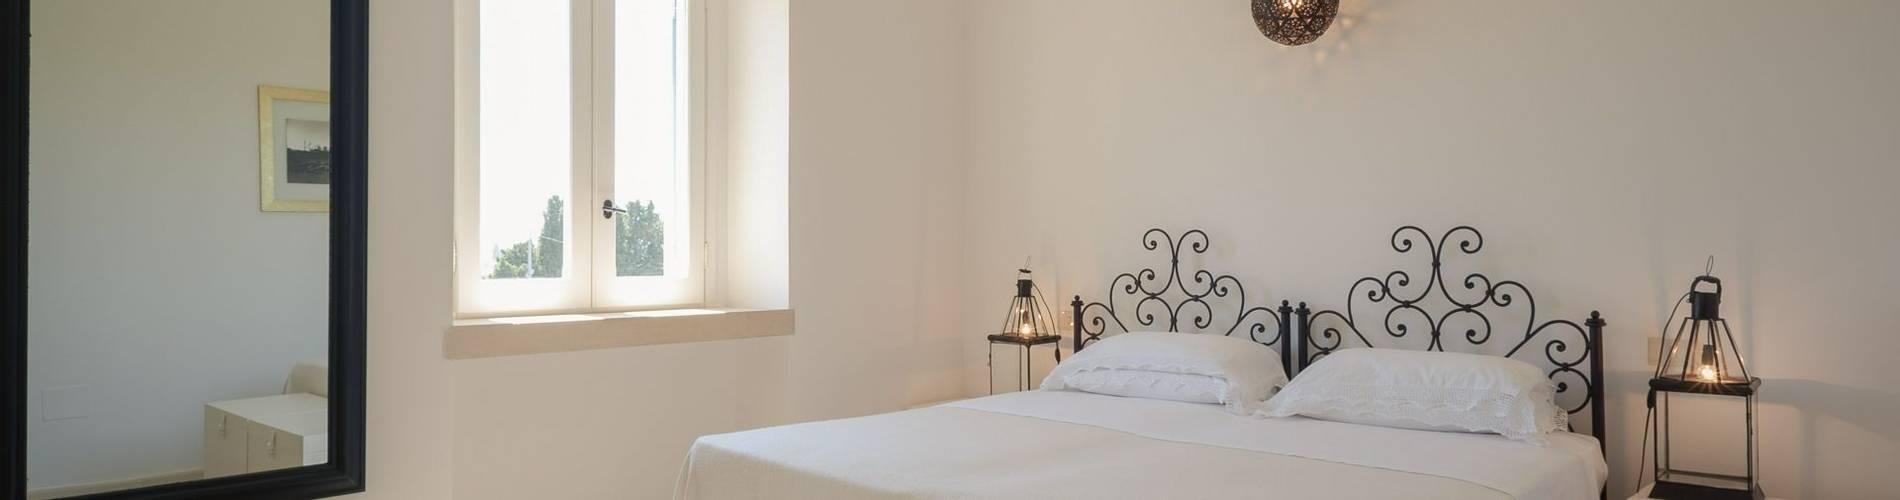 Masseria Montelauro, Puglia, Italy, Classic Room (3).jpg